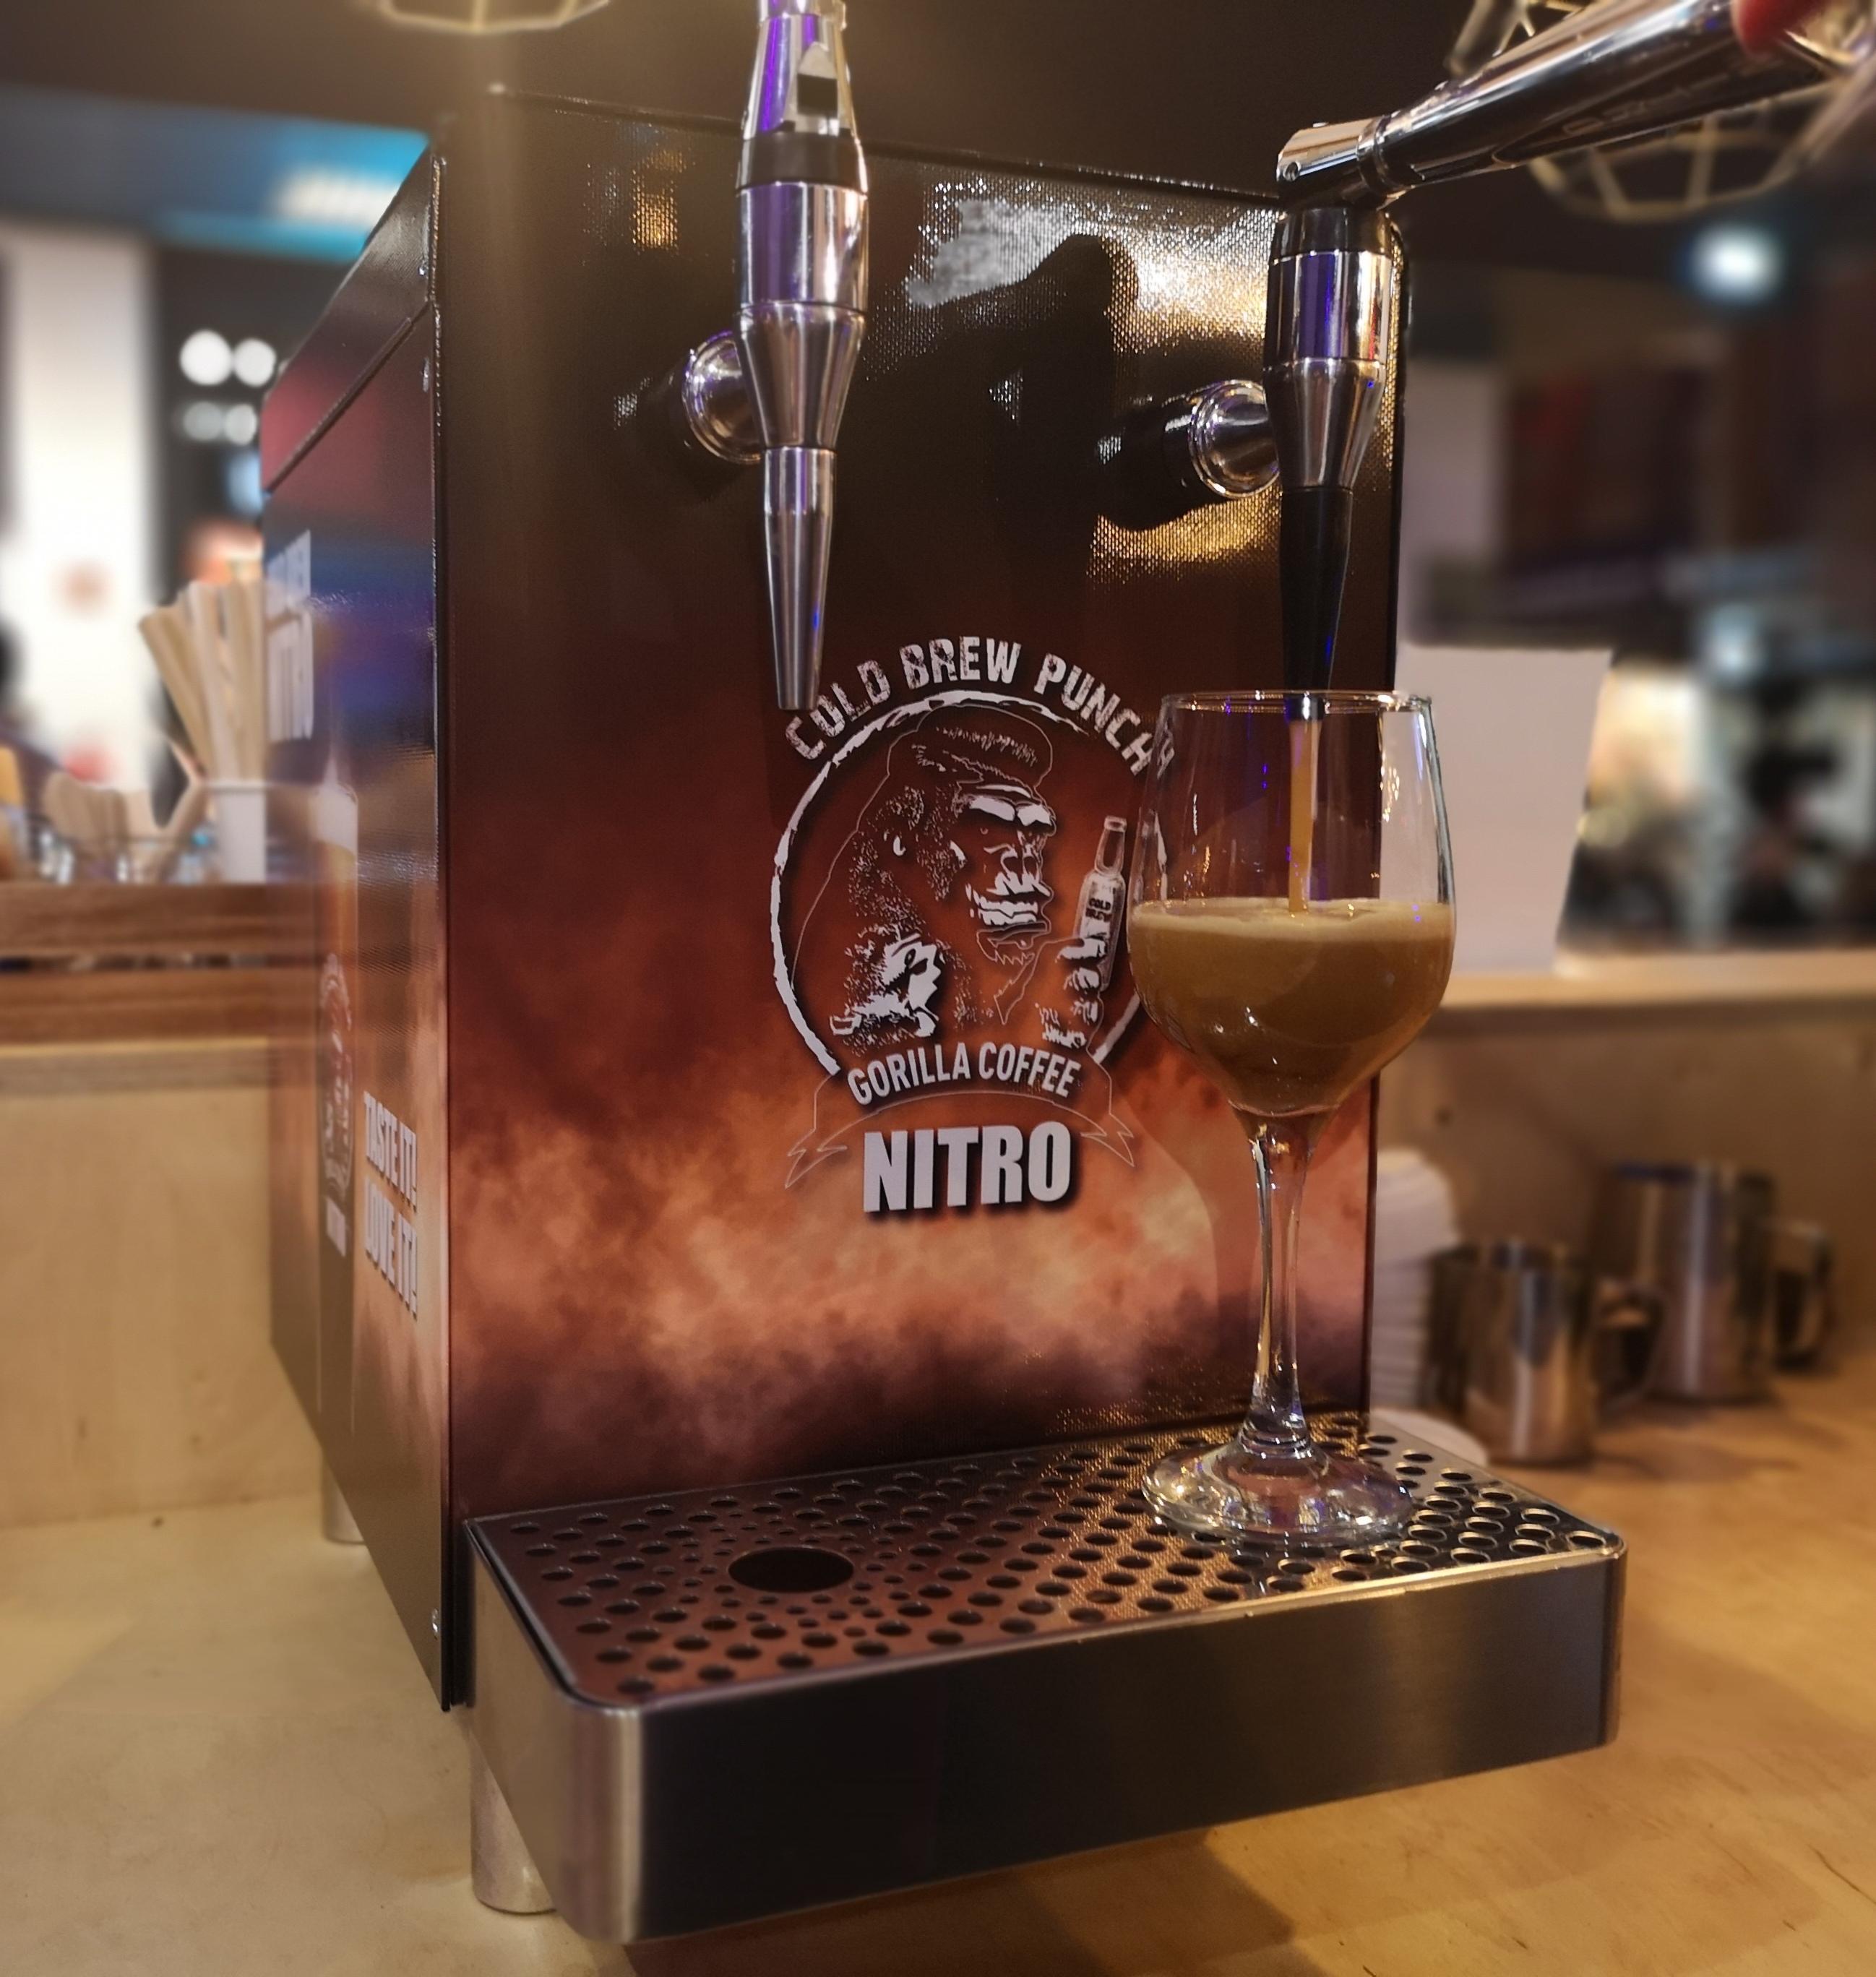 Kieliszek przy nalewaku do kawy nitro